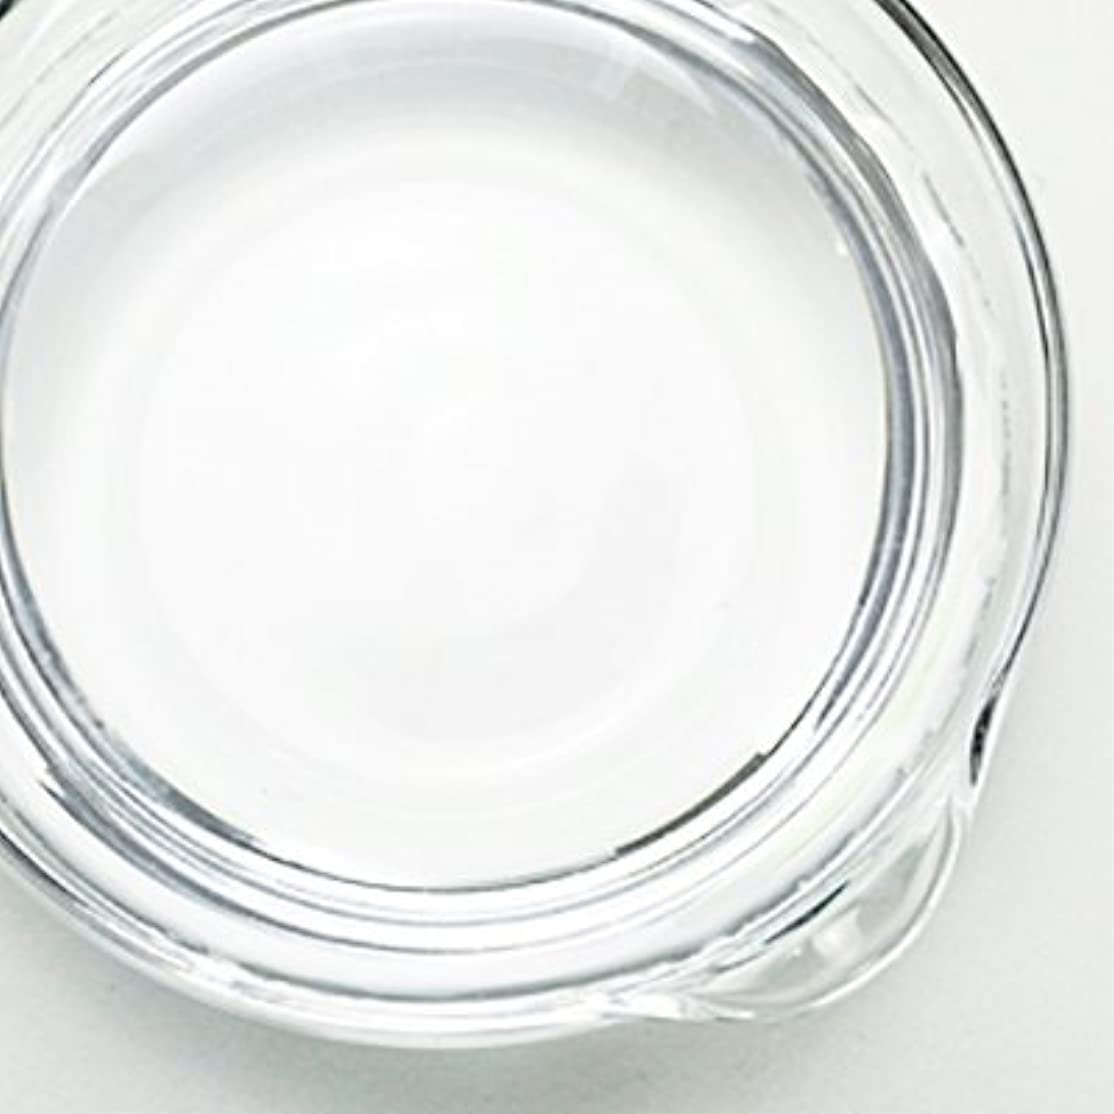 誠実スナッチトリプル1,3-ブチレングリコール[BG] 500ml 【手作り石鹸/手作りコスメ】